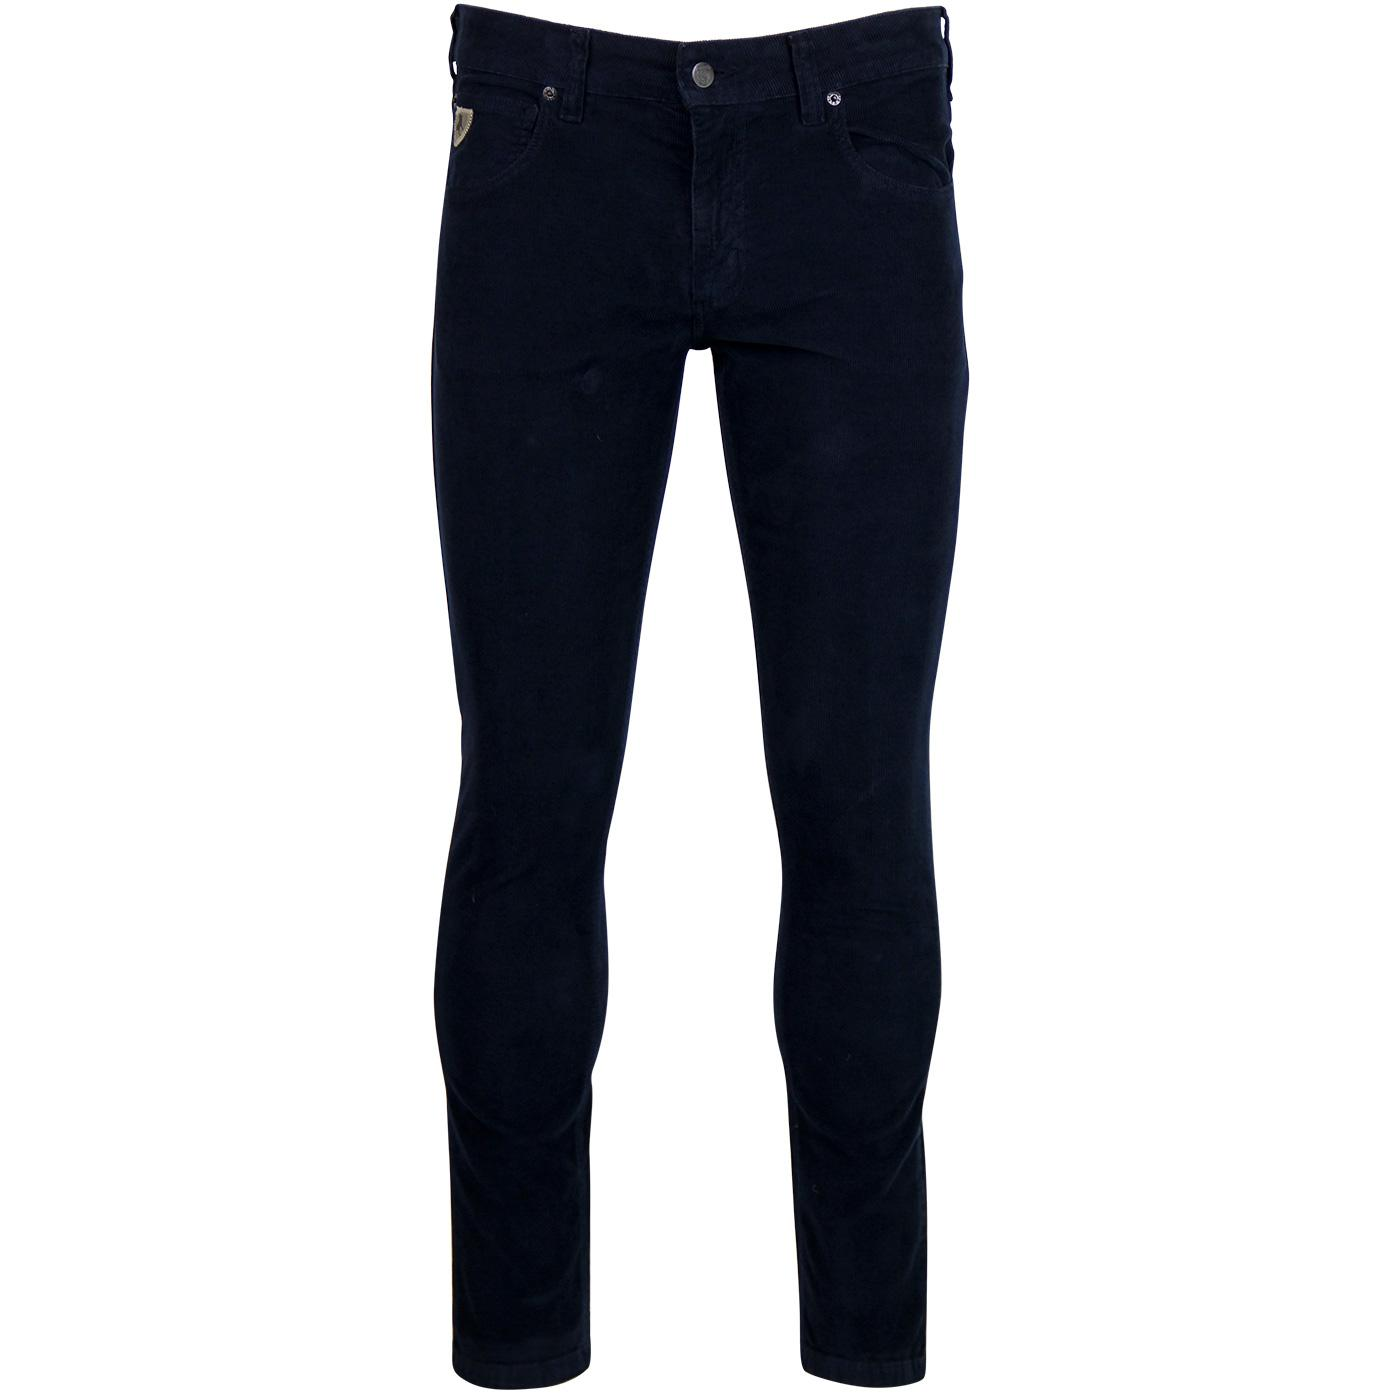 Sky LOIS Retro Mod Skinny Thin Cord Jeans - Navy